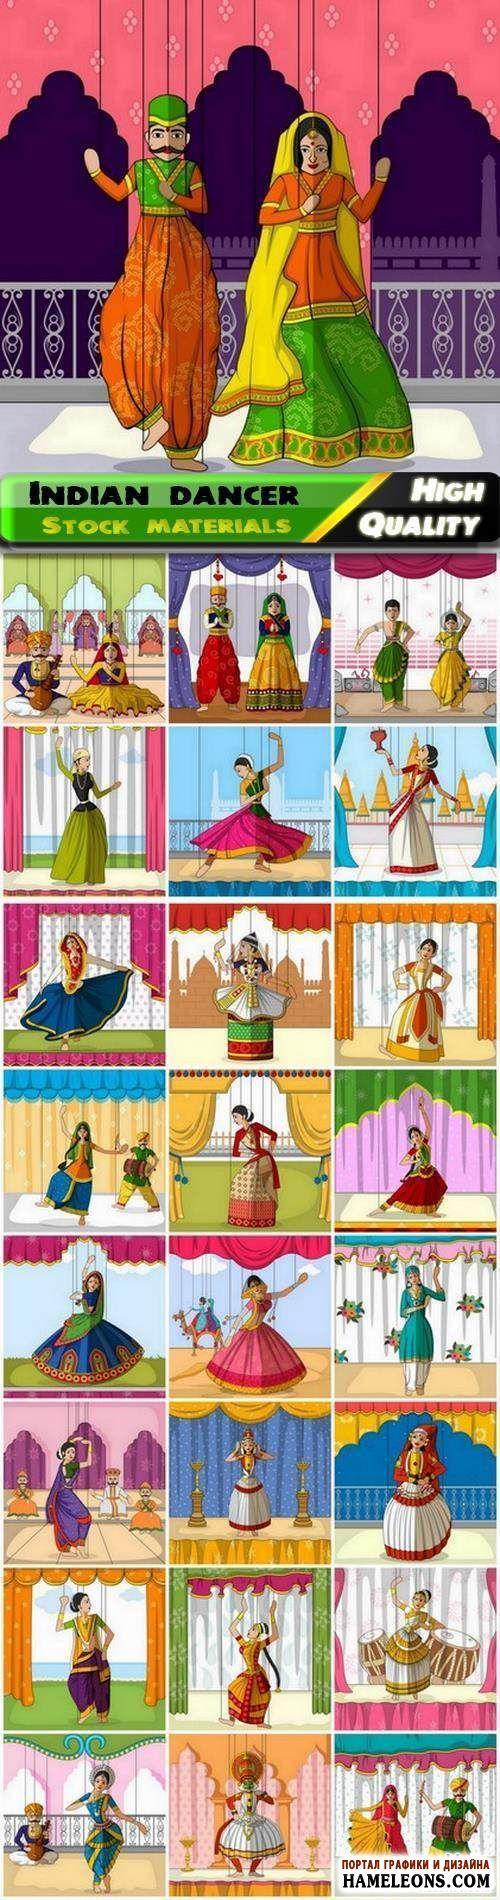 Танцующие женщины индианки - векторный клипарт